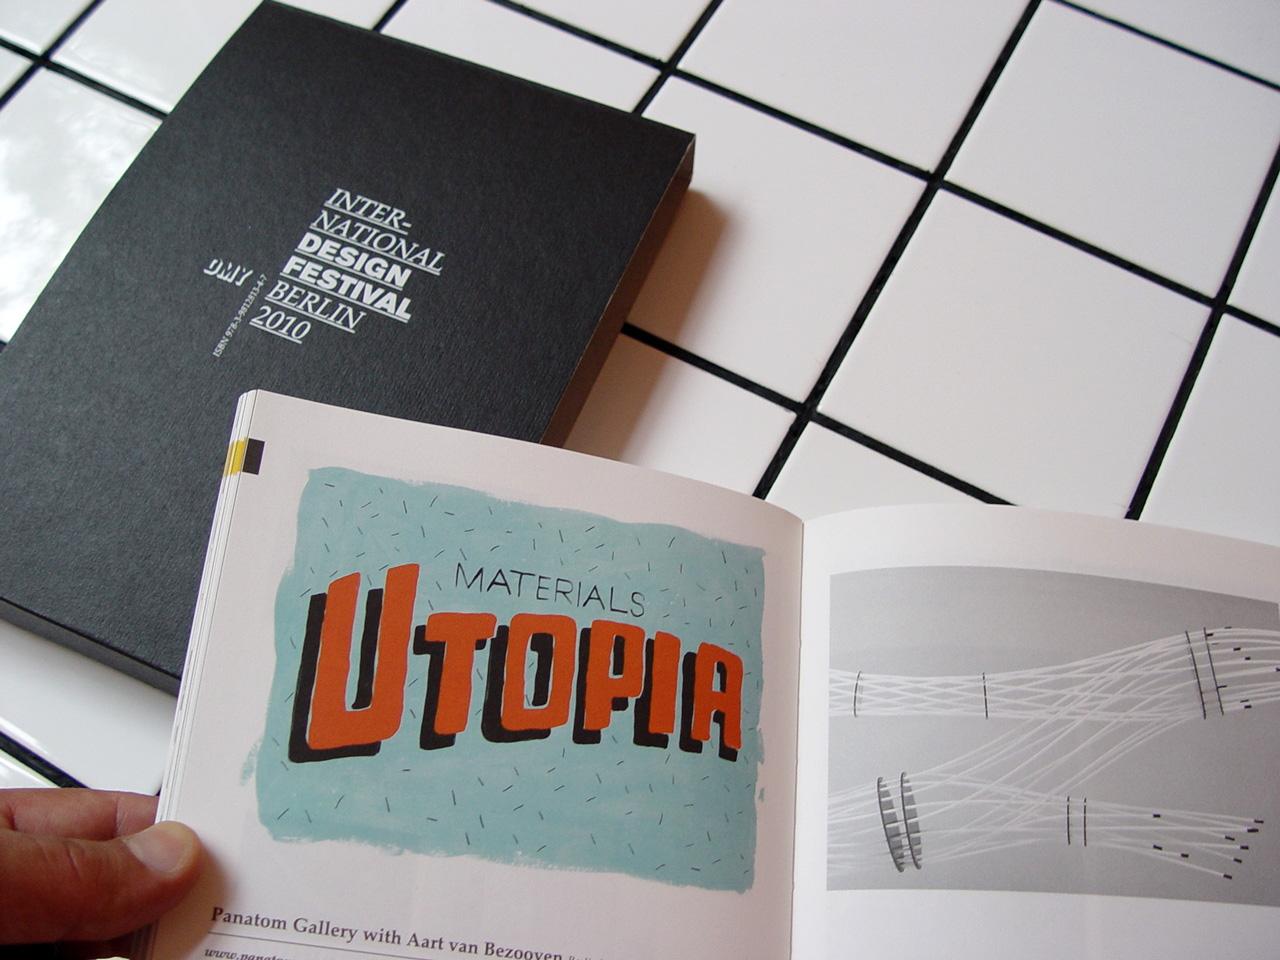 Materials Utopia